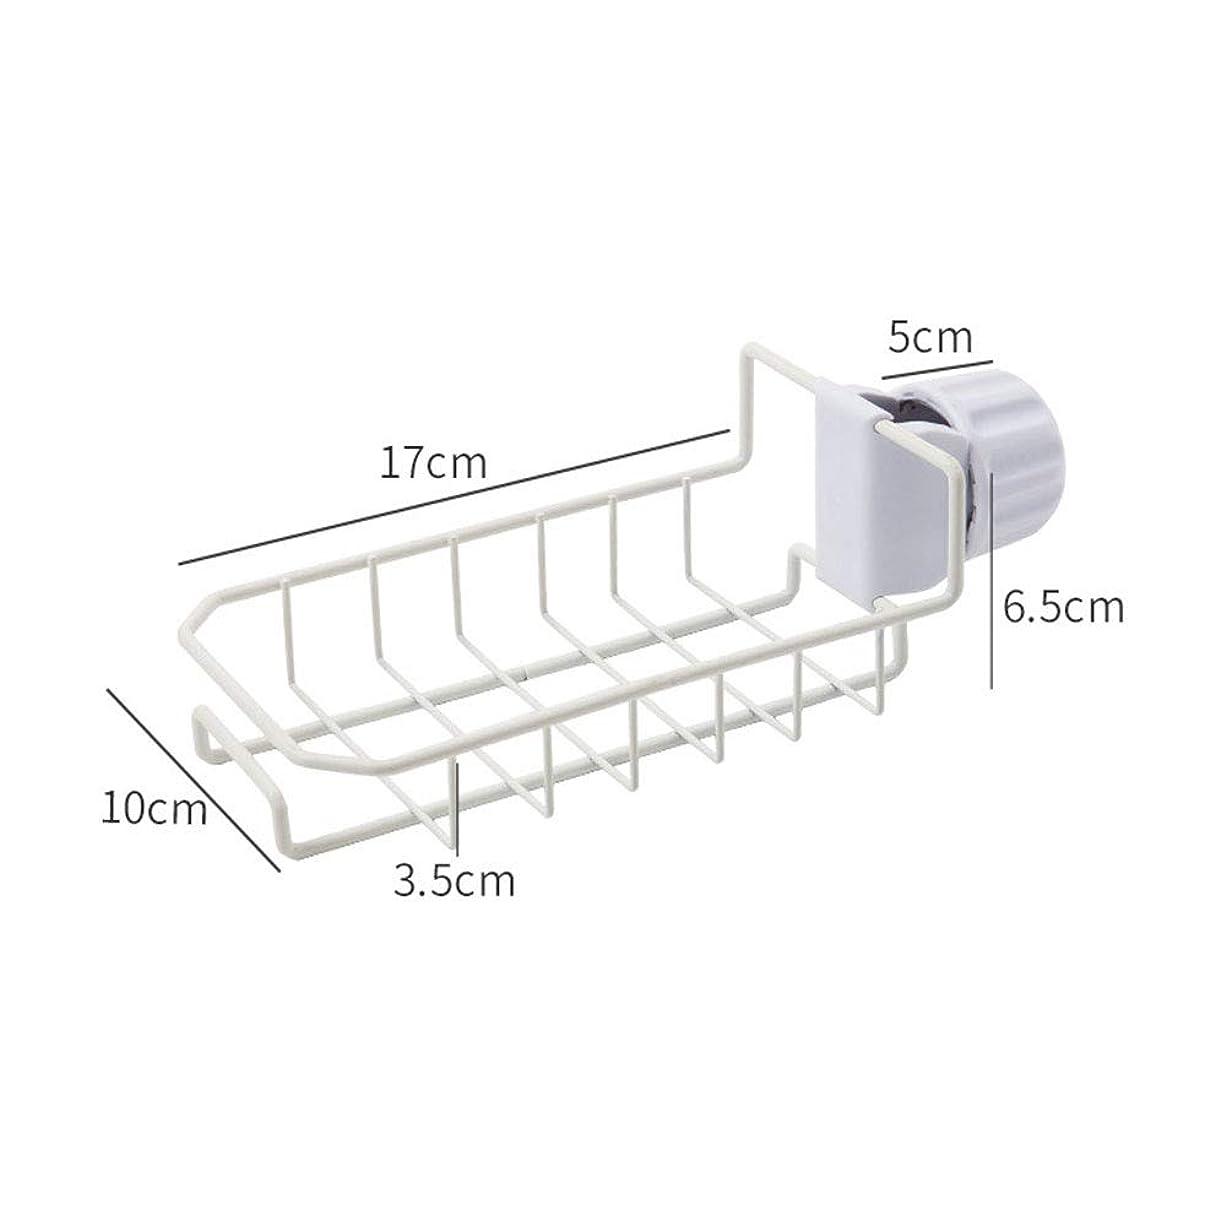 そうでなければ普及操縦するシンク用収納ラック シャワーラック 蛇口ホルダー 吸盤不要 浴室/洗面所/風呂場/水切り プラスチック製 (ホワイト(17*10*6.5cm))